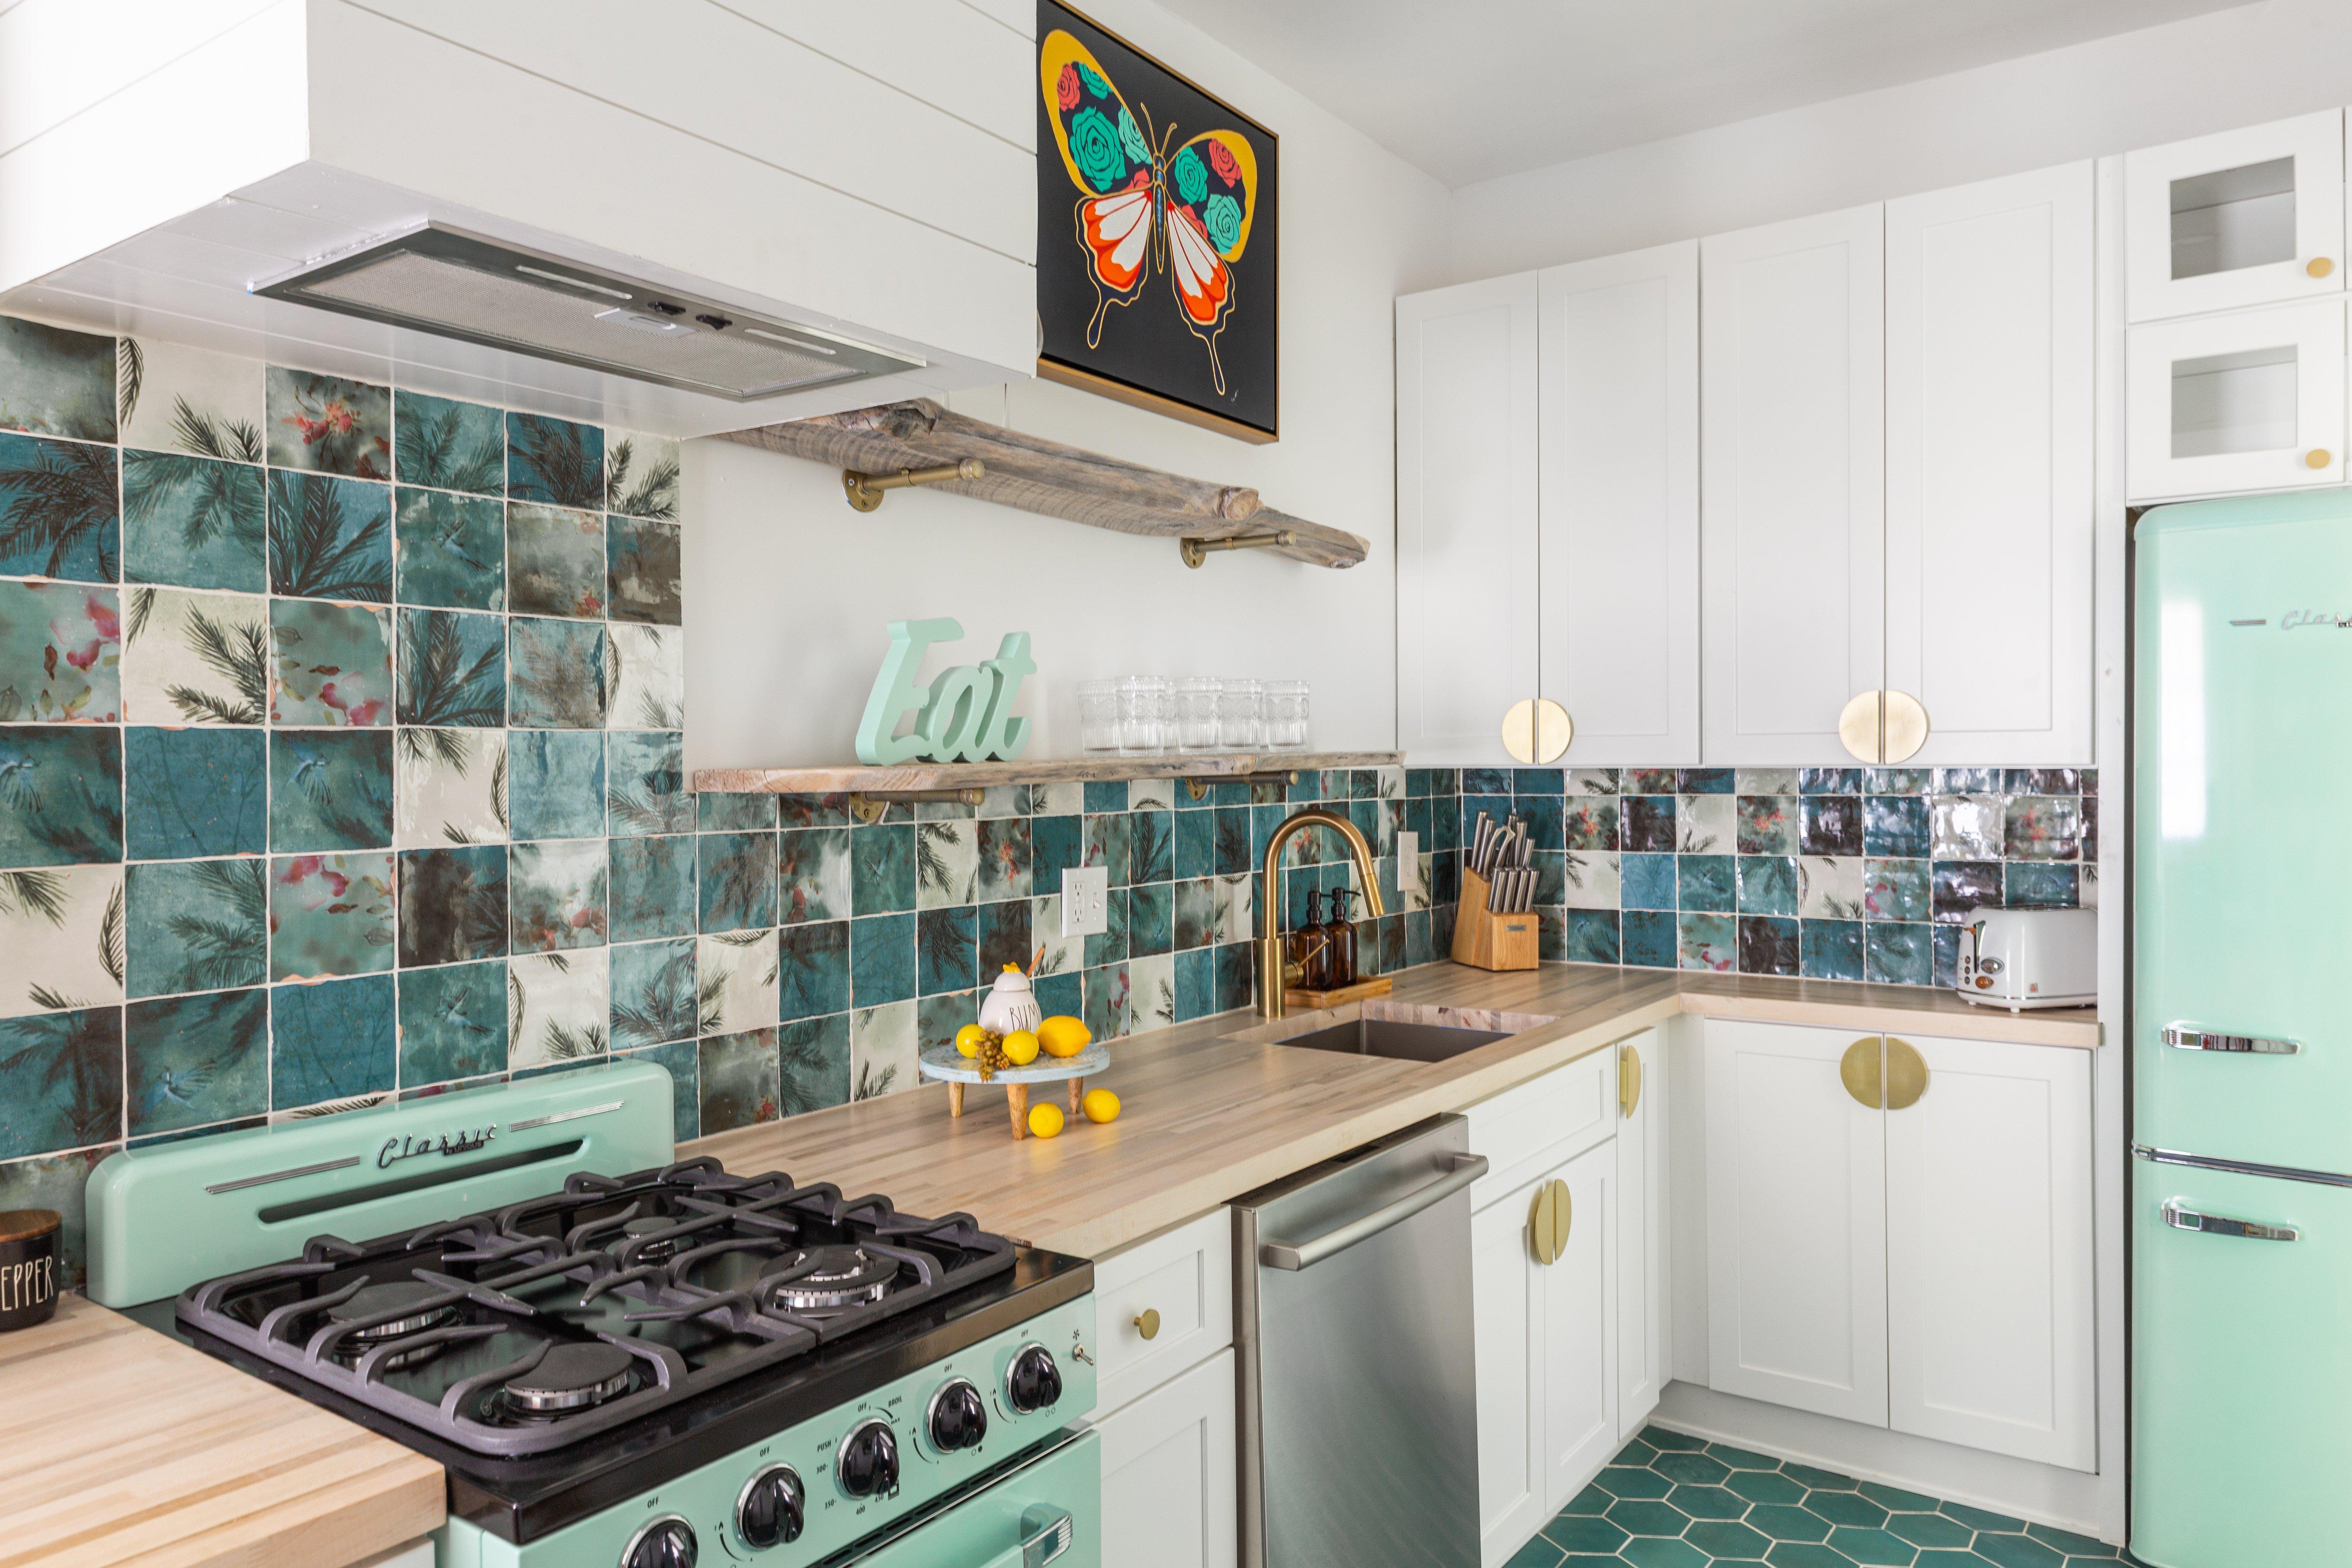 39 kitchen untitledswim-meet-2-146.jpg